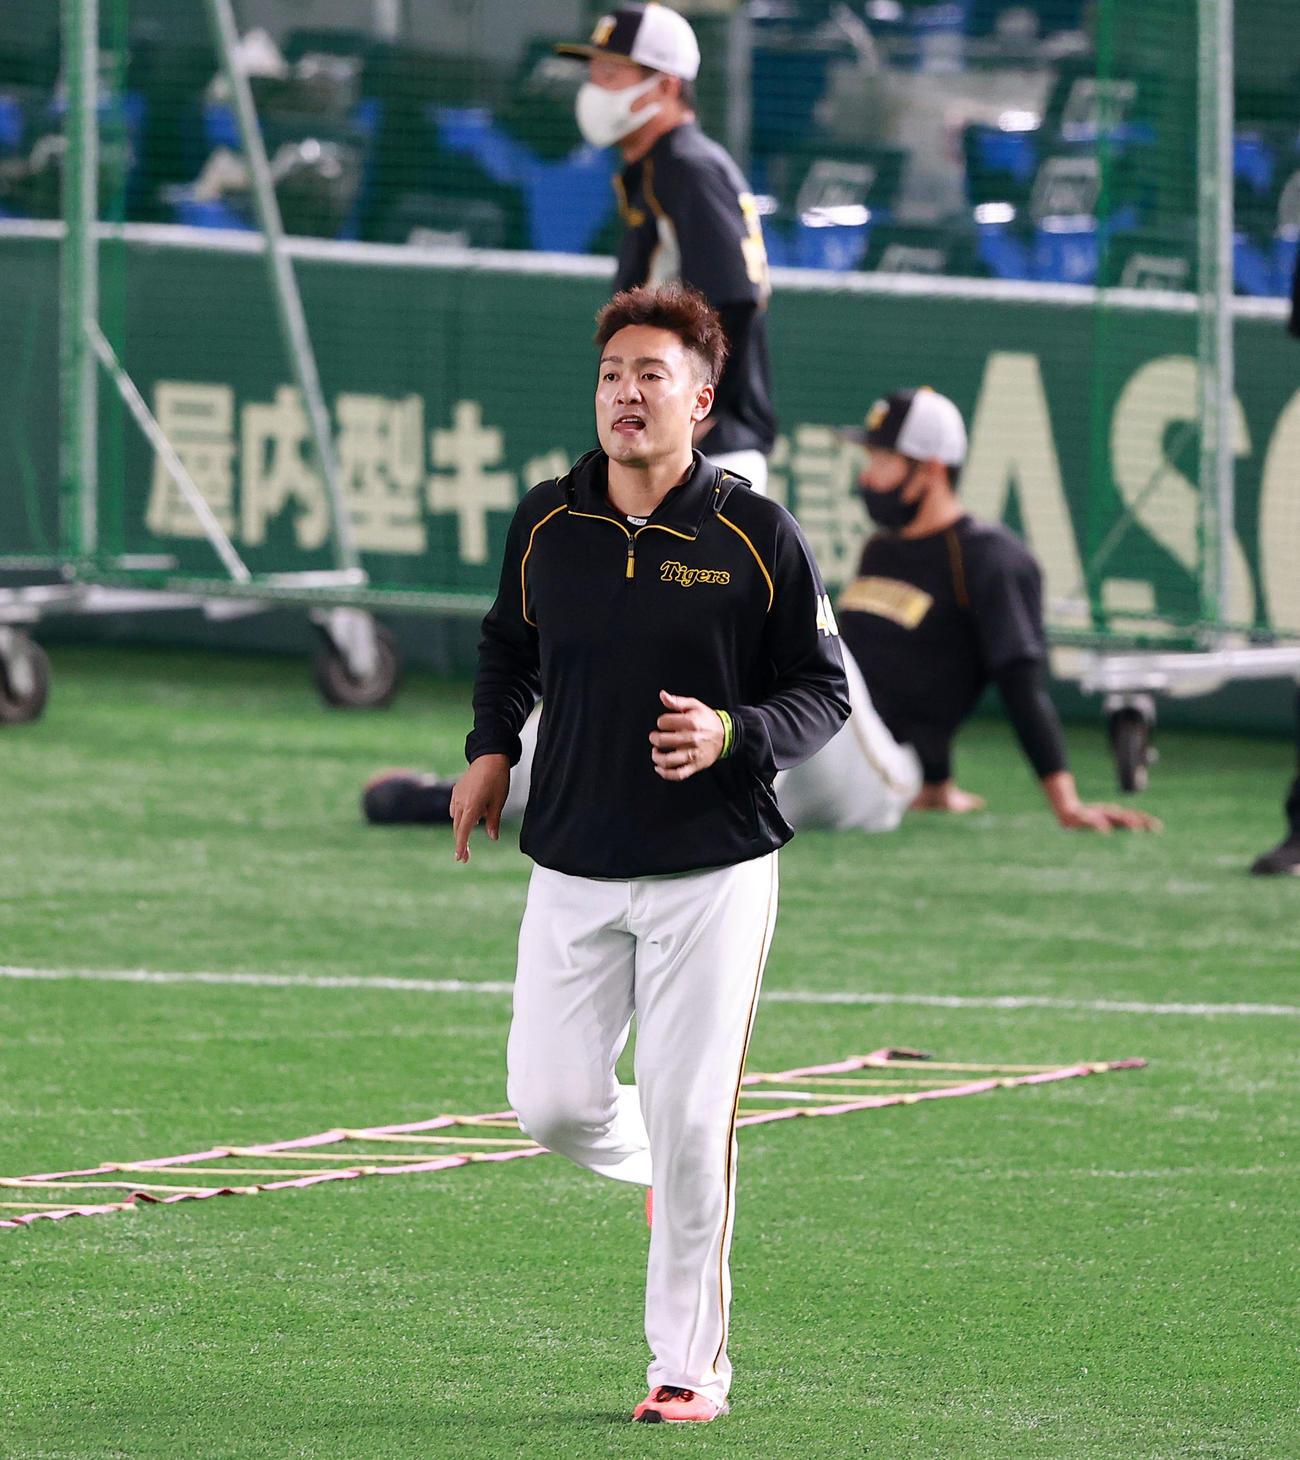 巨人対阪神 試合前練習でウォームアップする阪神の秋山(撮影・浅見桂子)